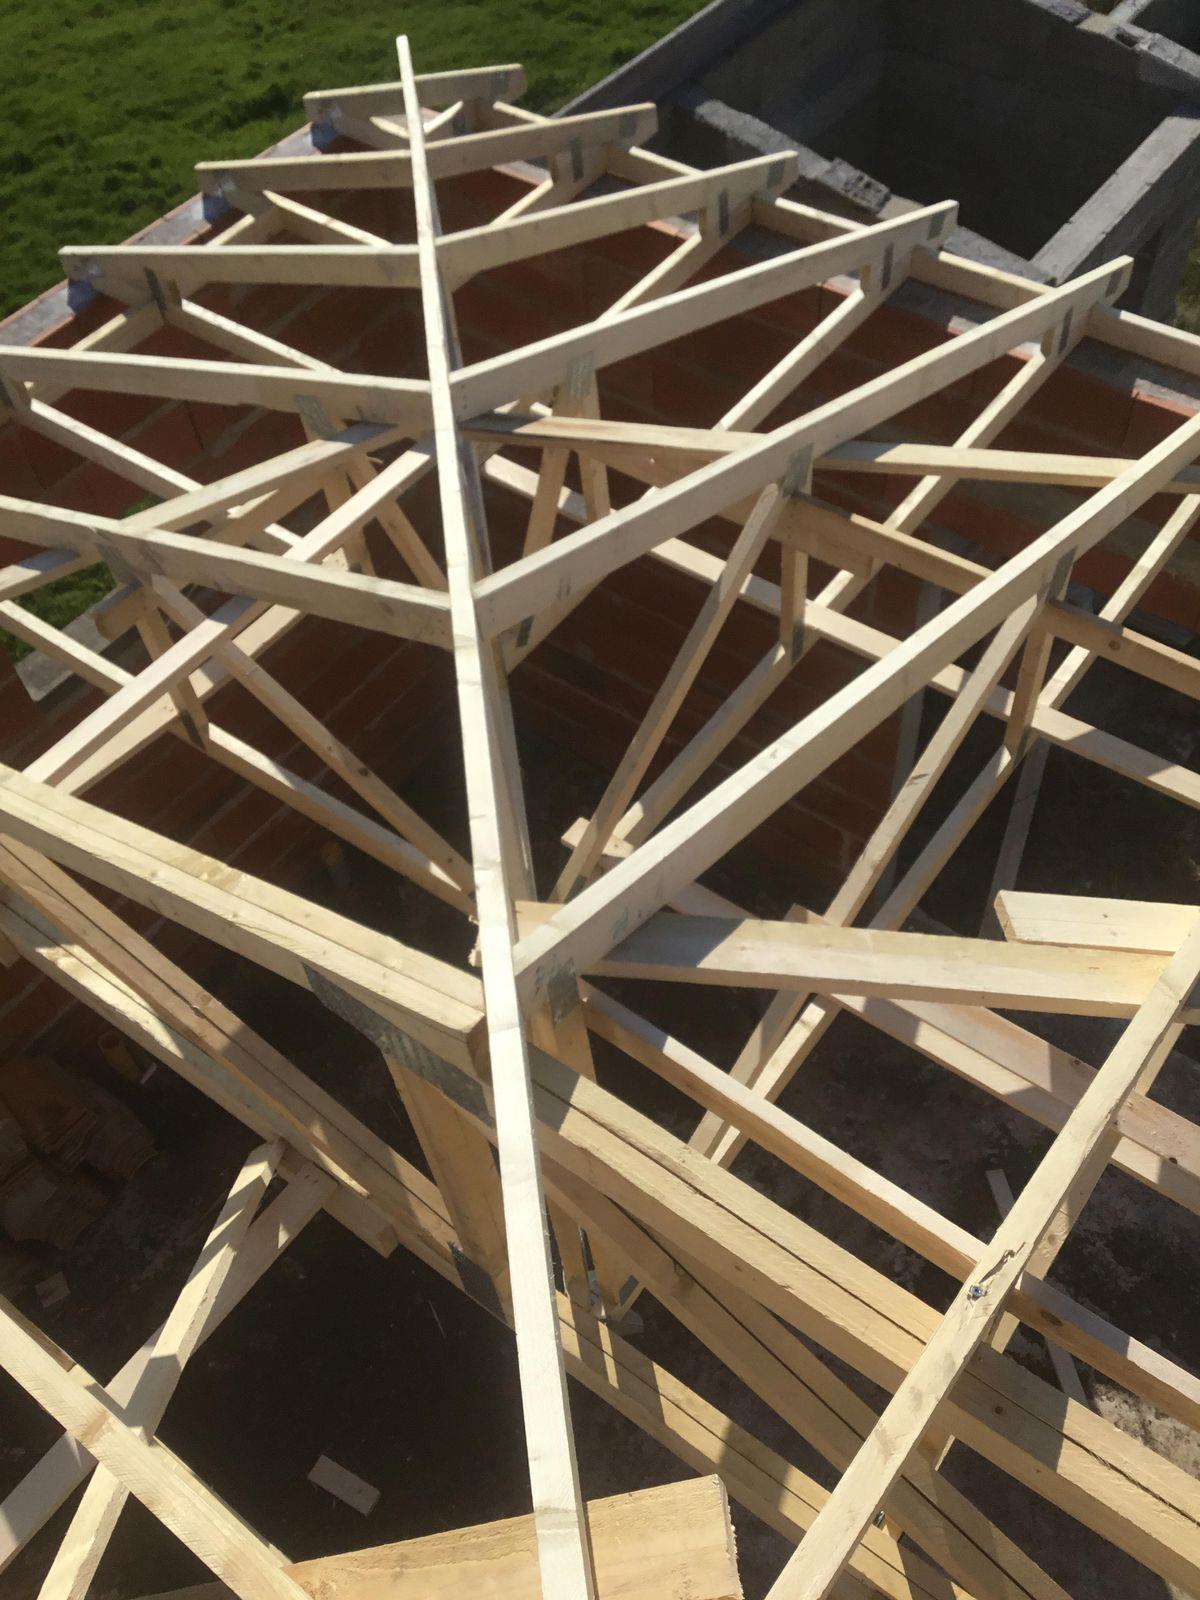 charpente am ricaine fermette industrielle bordeaux cavignac libourne charpentier fermette. Black Bedroom Furniture Sets. Home Design Ideas